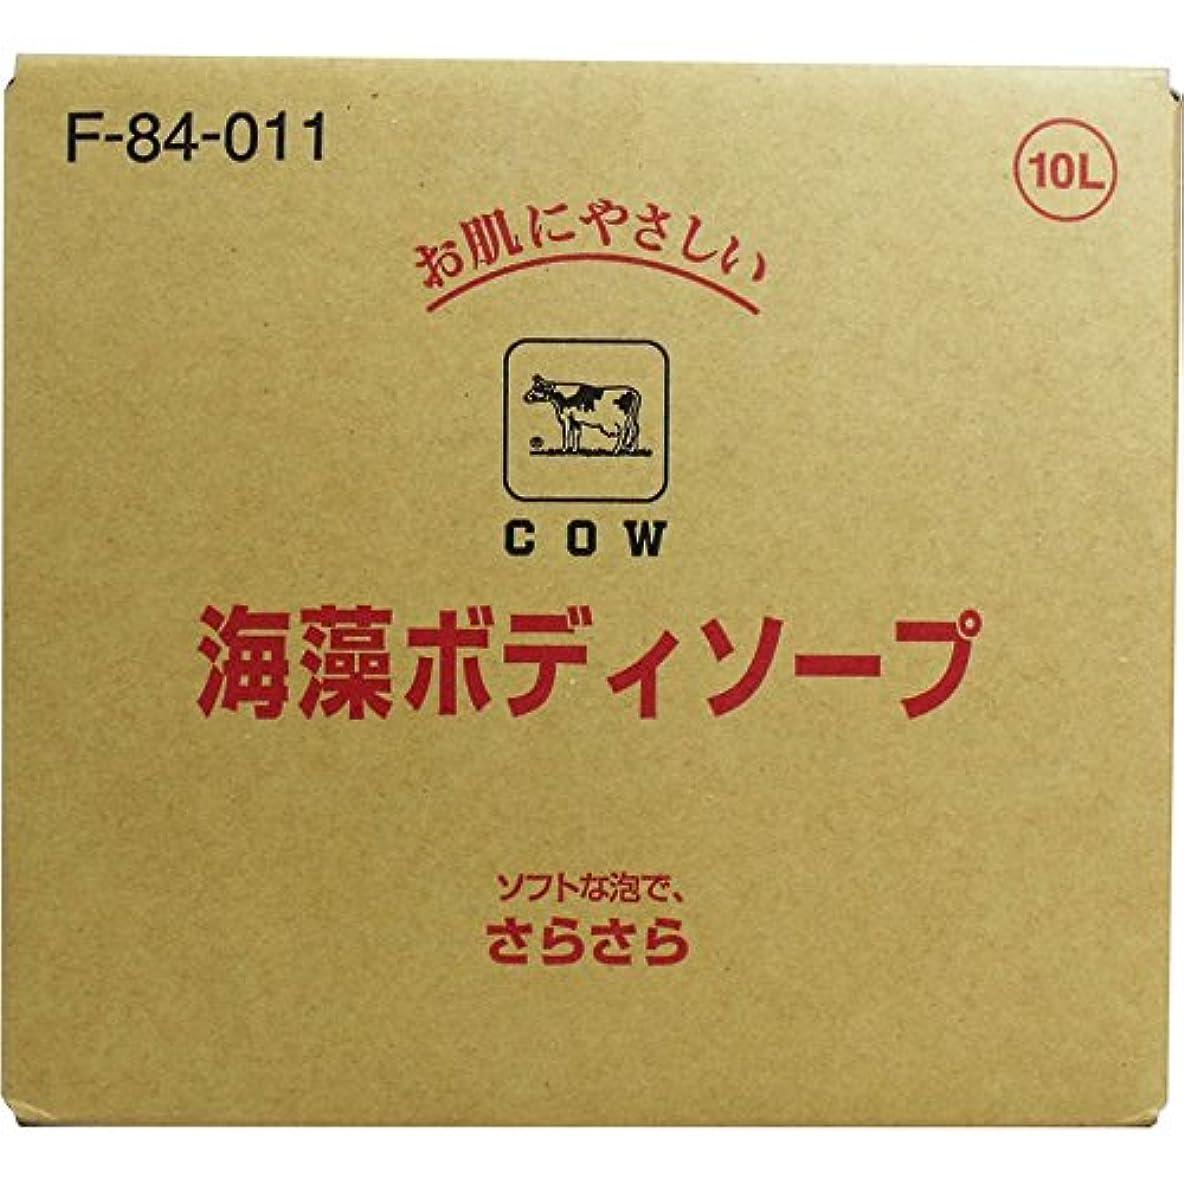 視線ブロンズ走るボディ 石けん詰め替え さらさらした洗い心地 便利商品 牛乳ブランド 海藻ボディソープ 業務用 10L